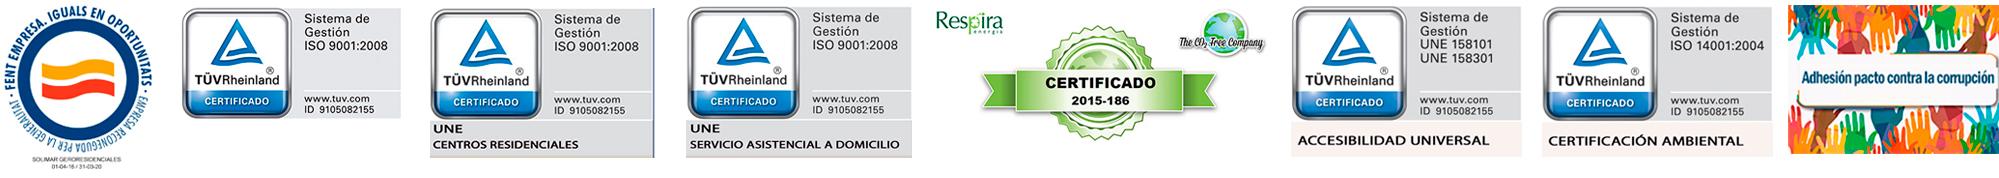 certificados-calidad-esidencias